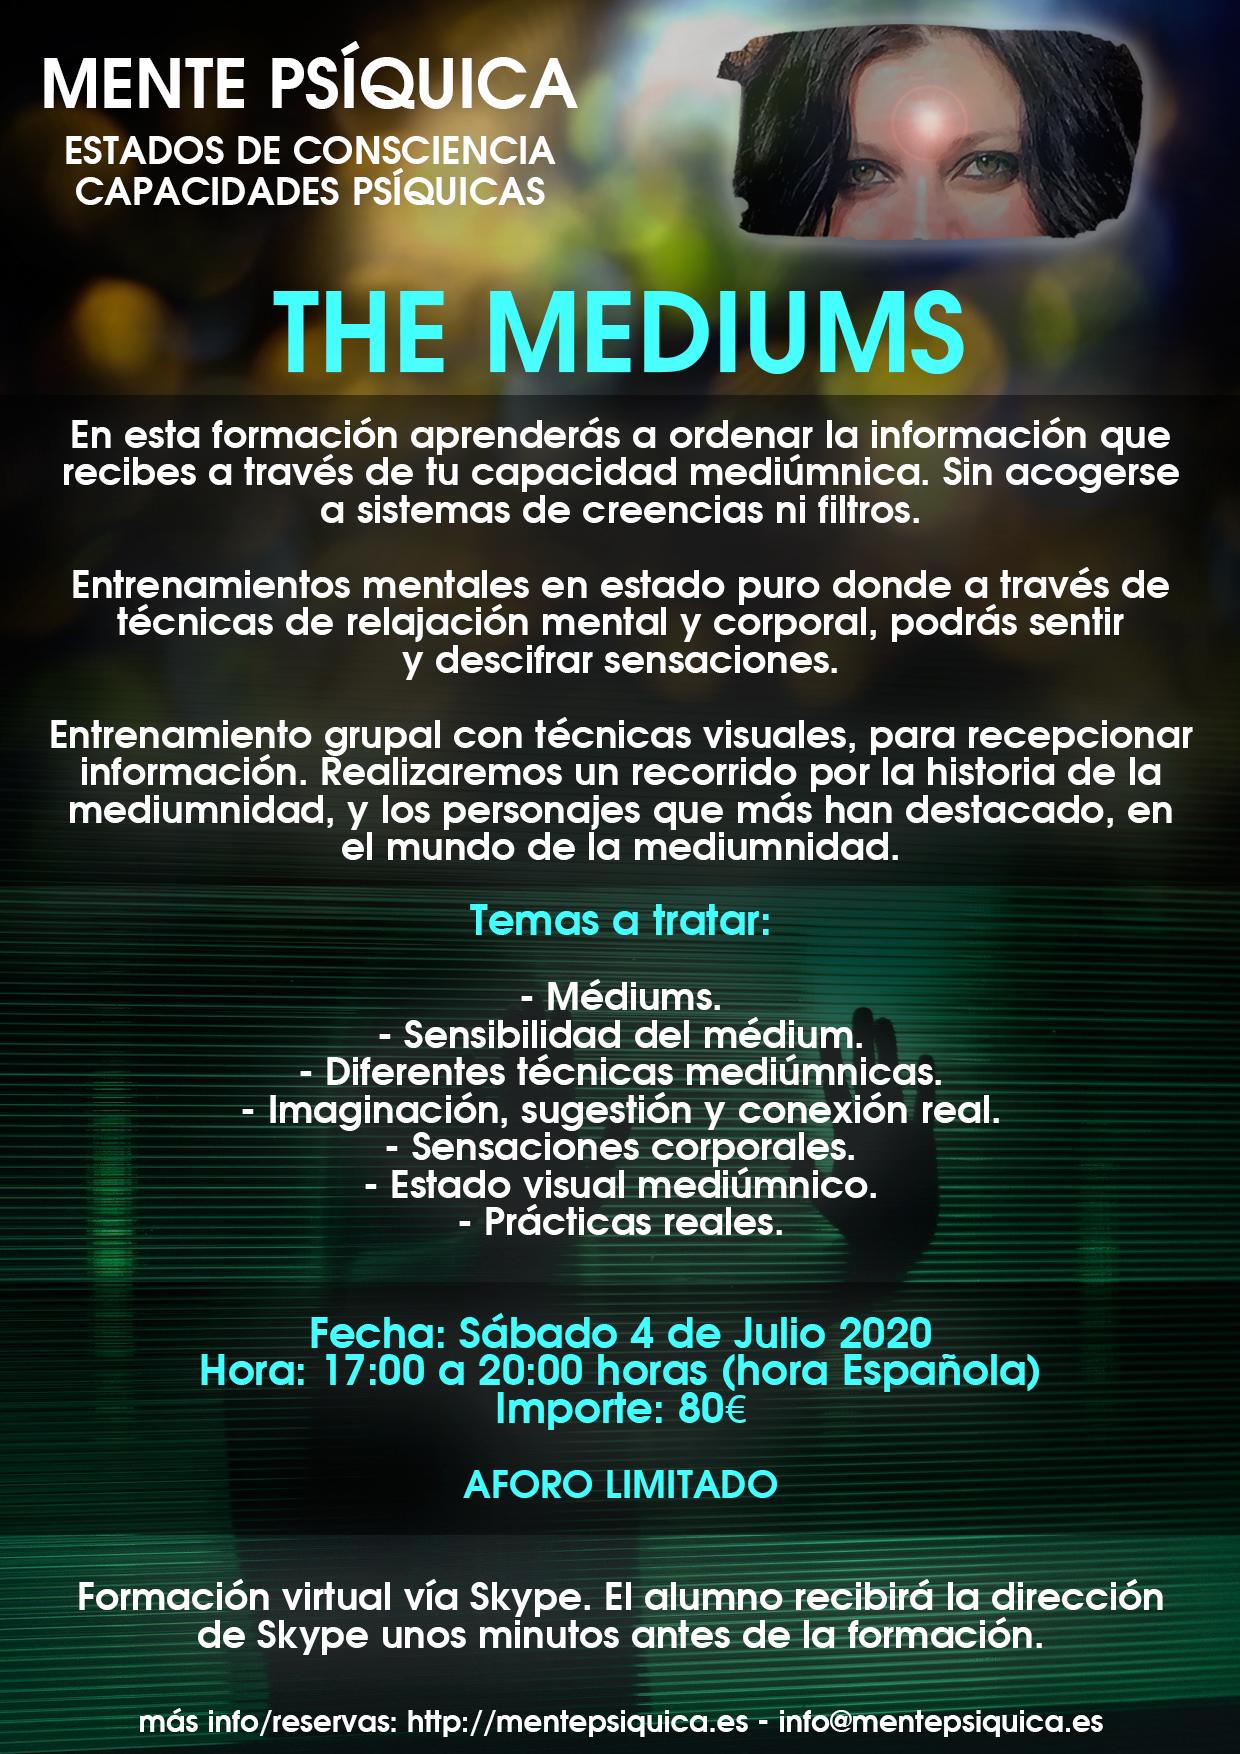 The Mediums @ Mente Psíquica